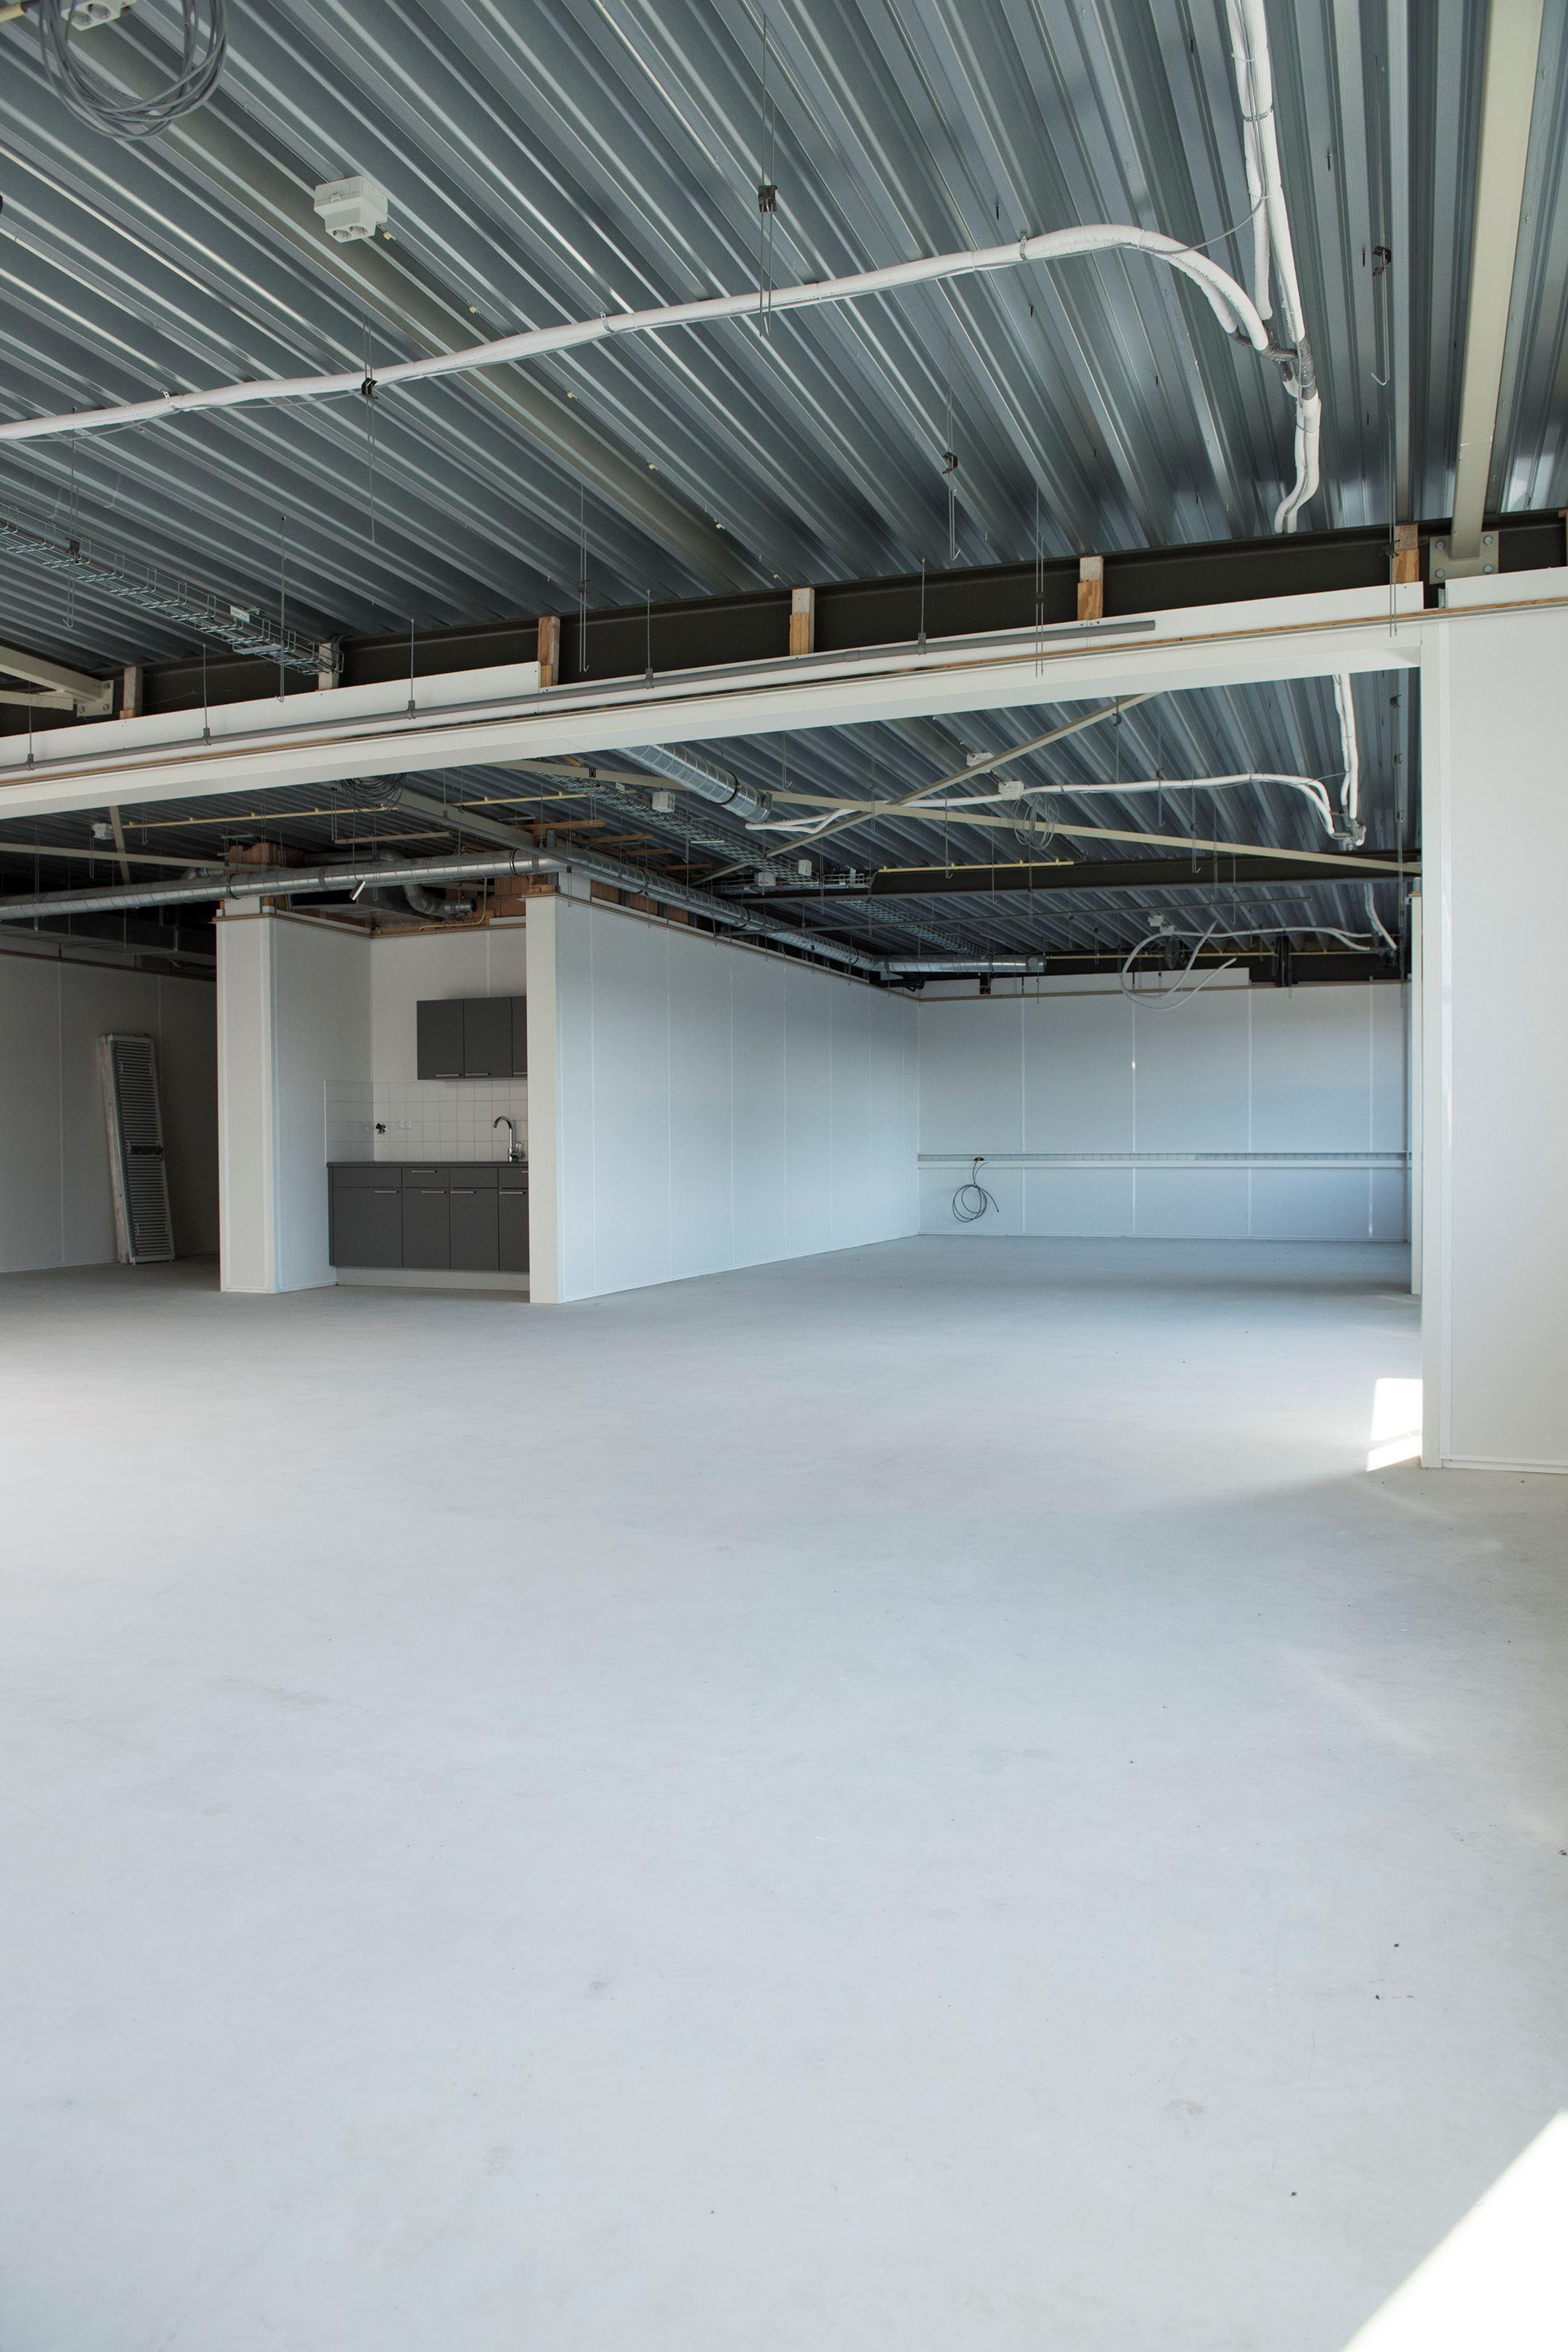 kantoor geldermalsen zoek kantoren te huur de ooyen 13 b 4191